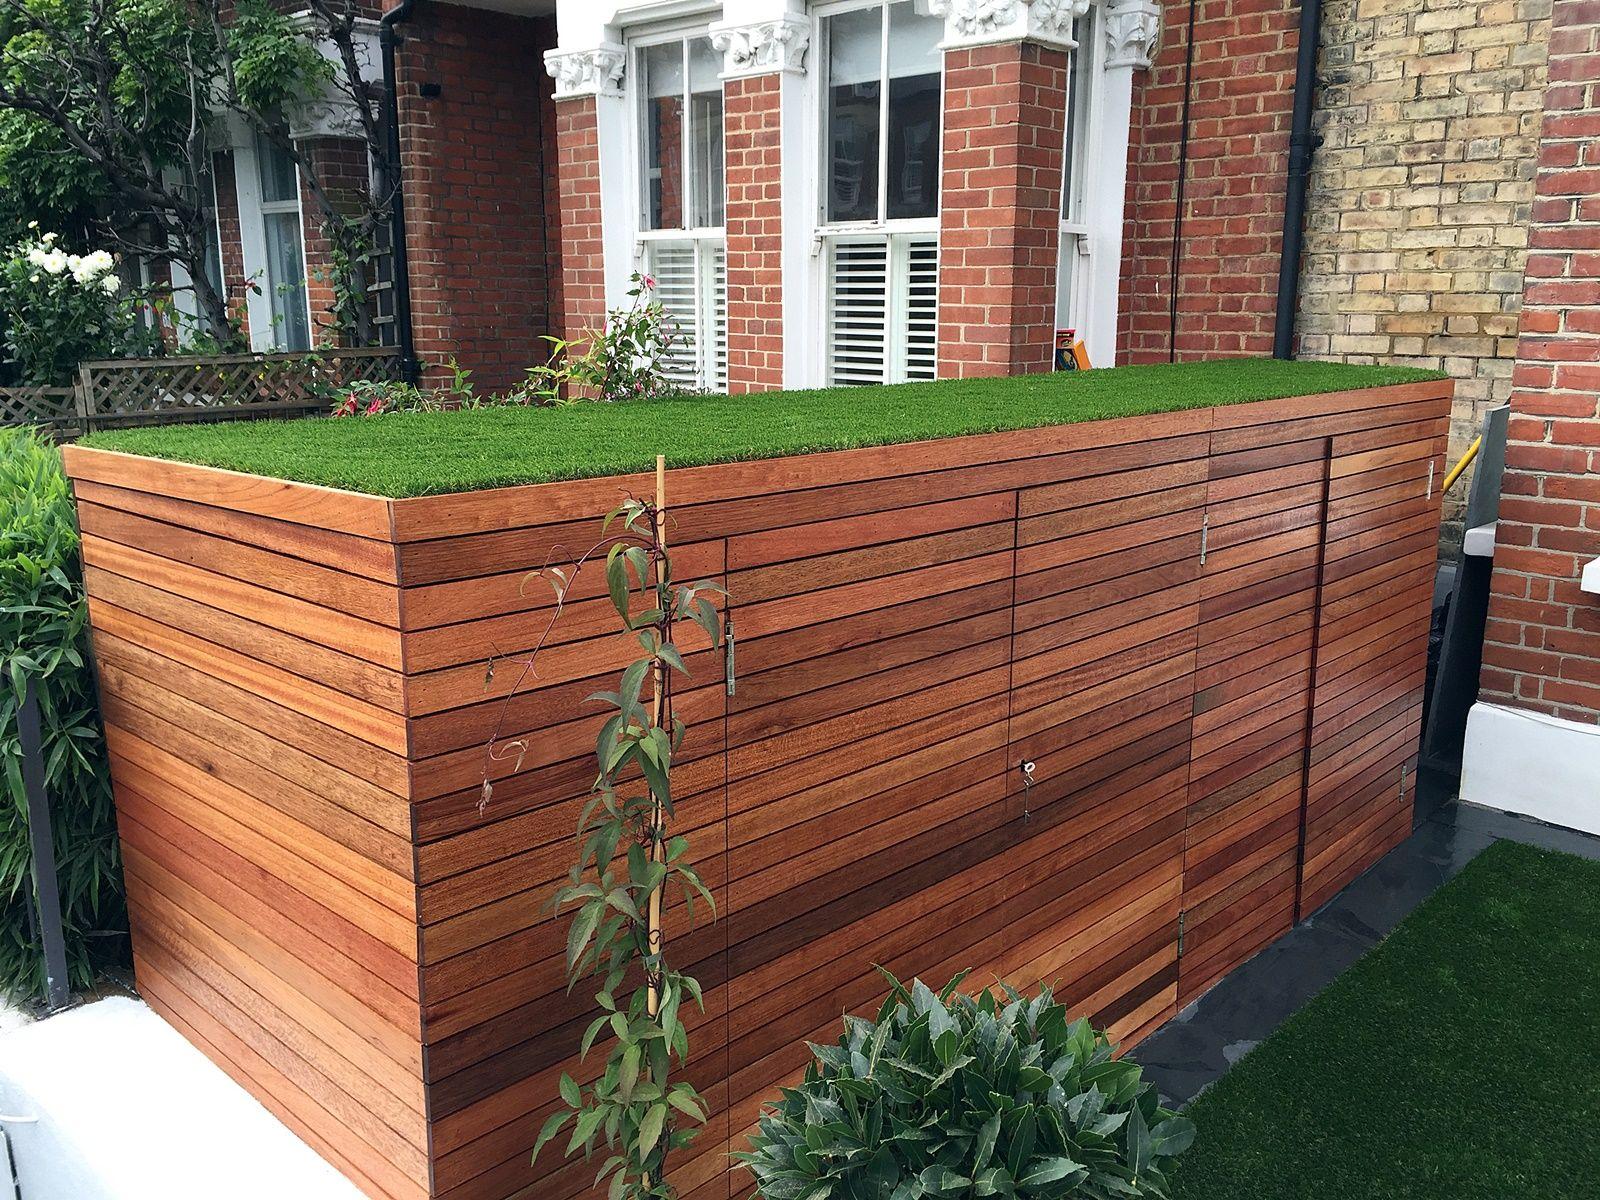 Image result for bespoke shed design london   Home: Garden ...